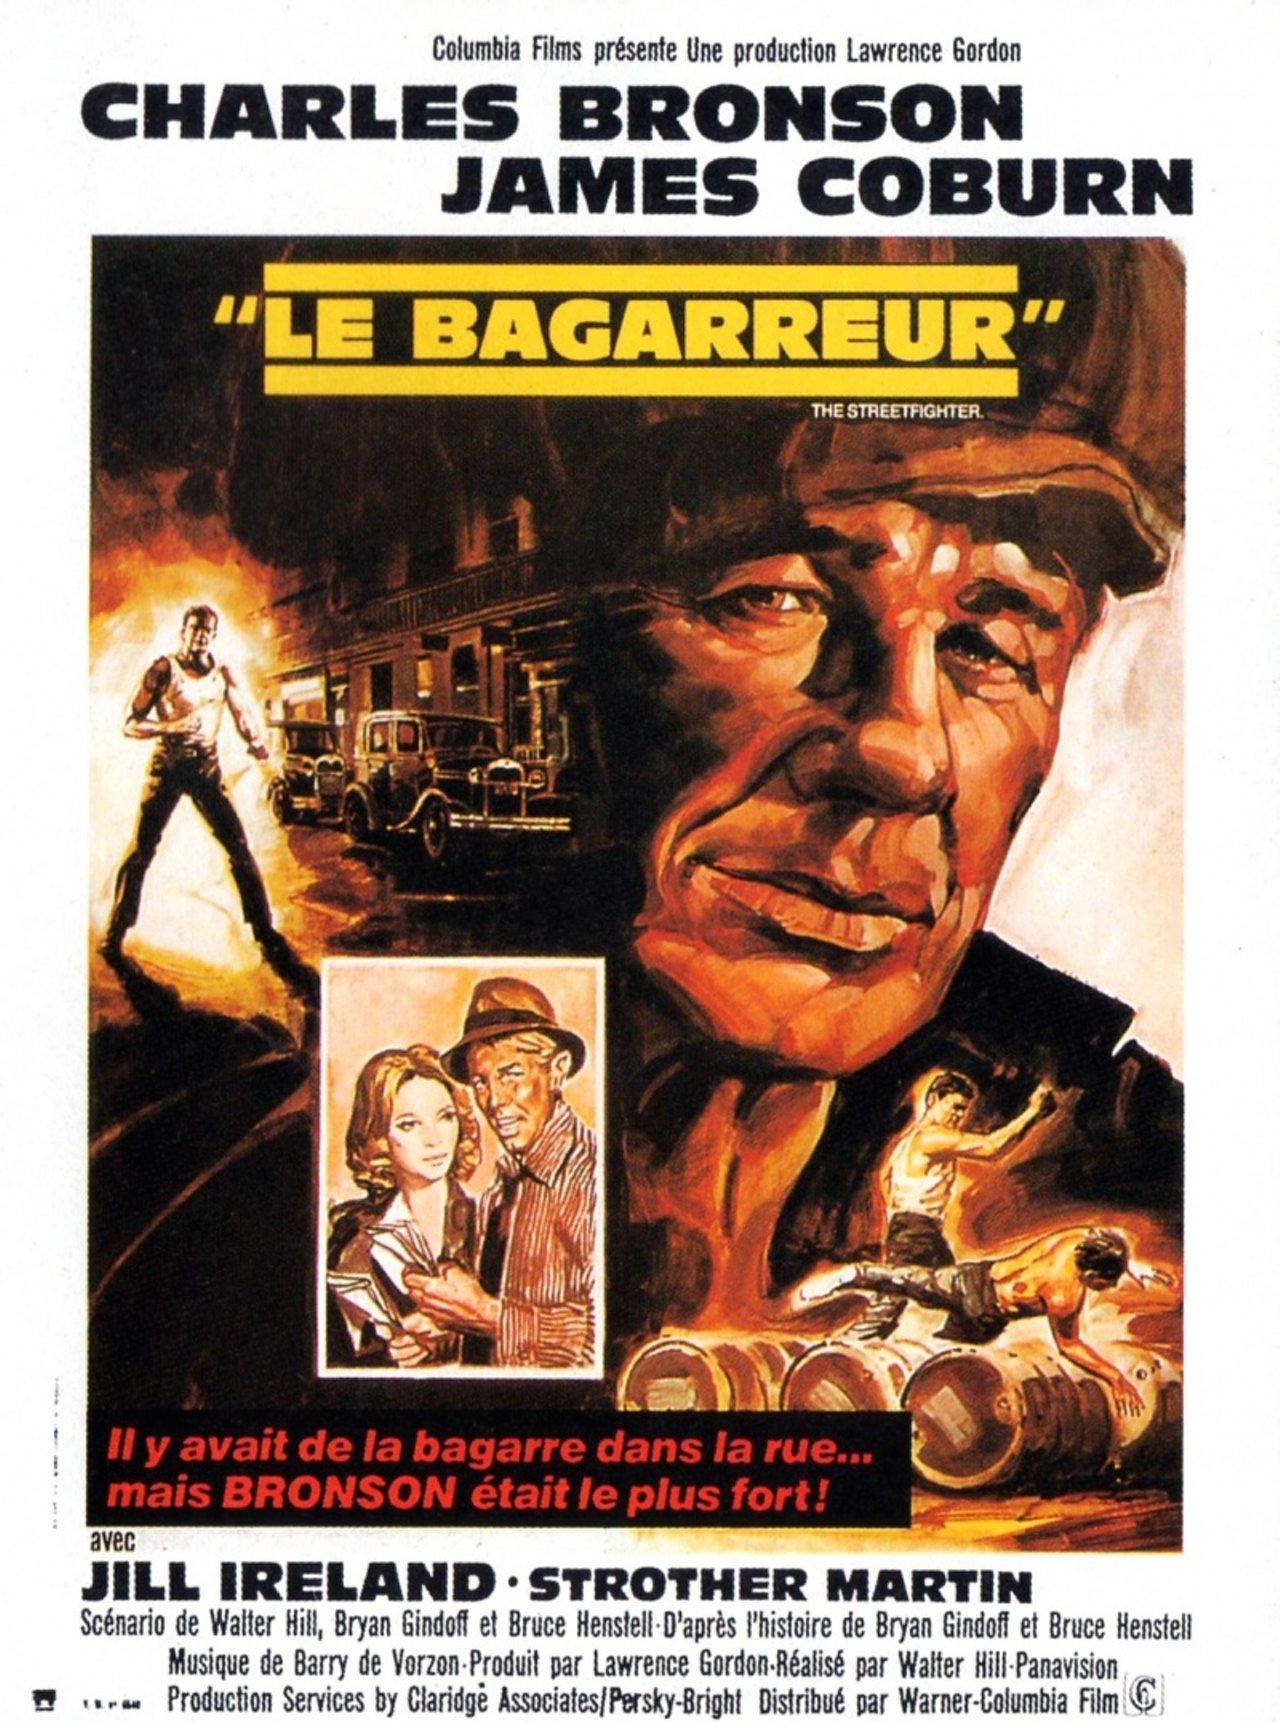 CHARLES TÉLÉCHARGER LE BRONSON BAGARREUR